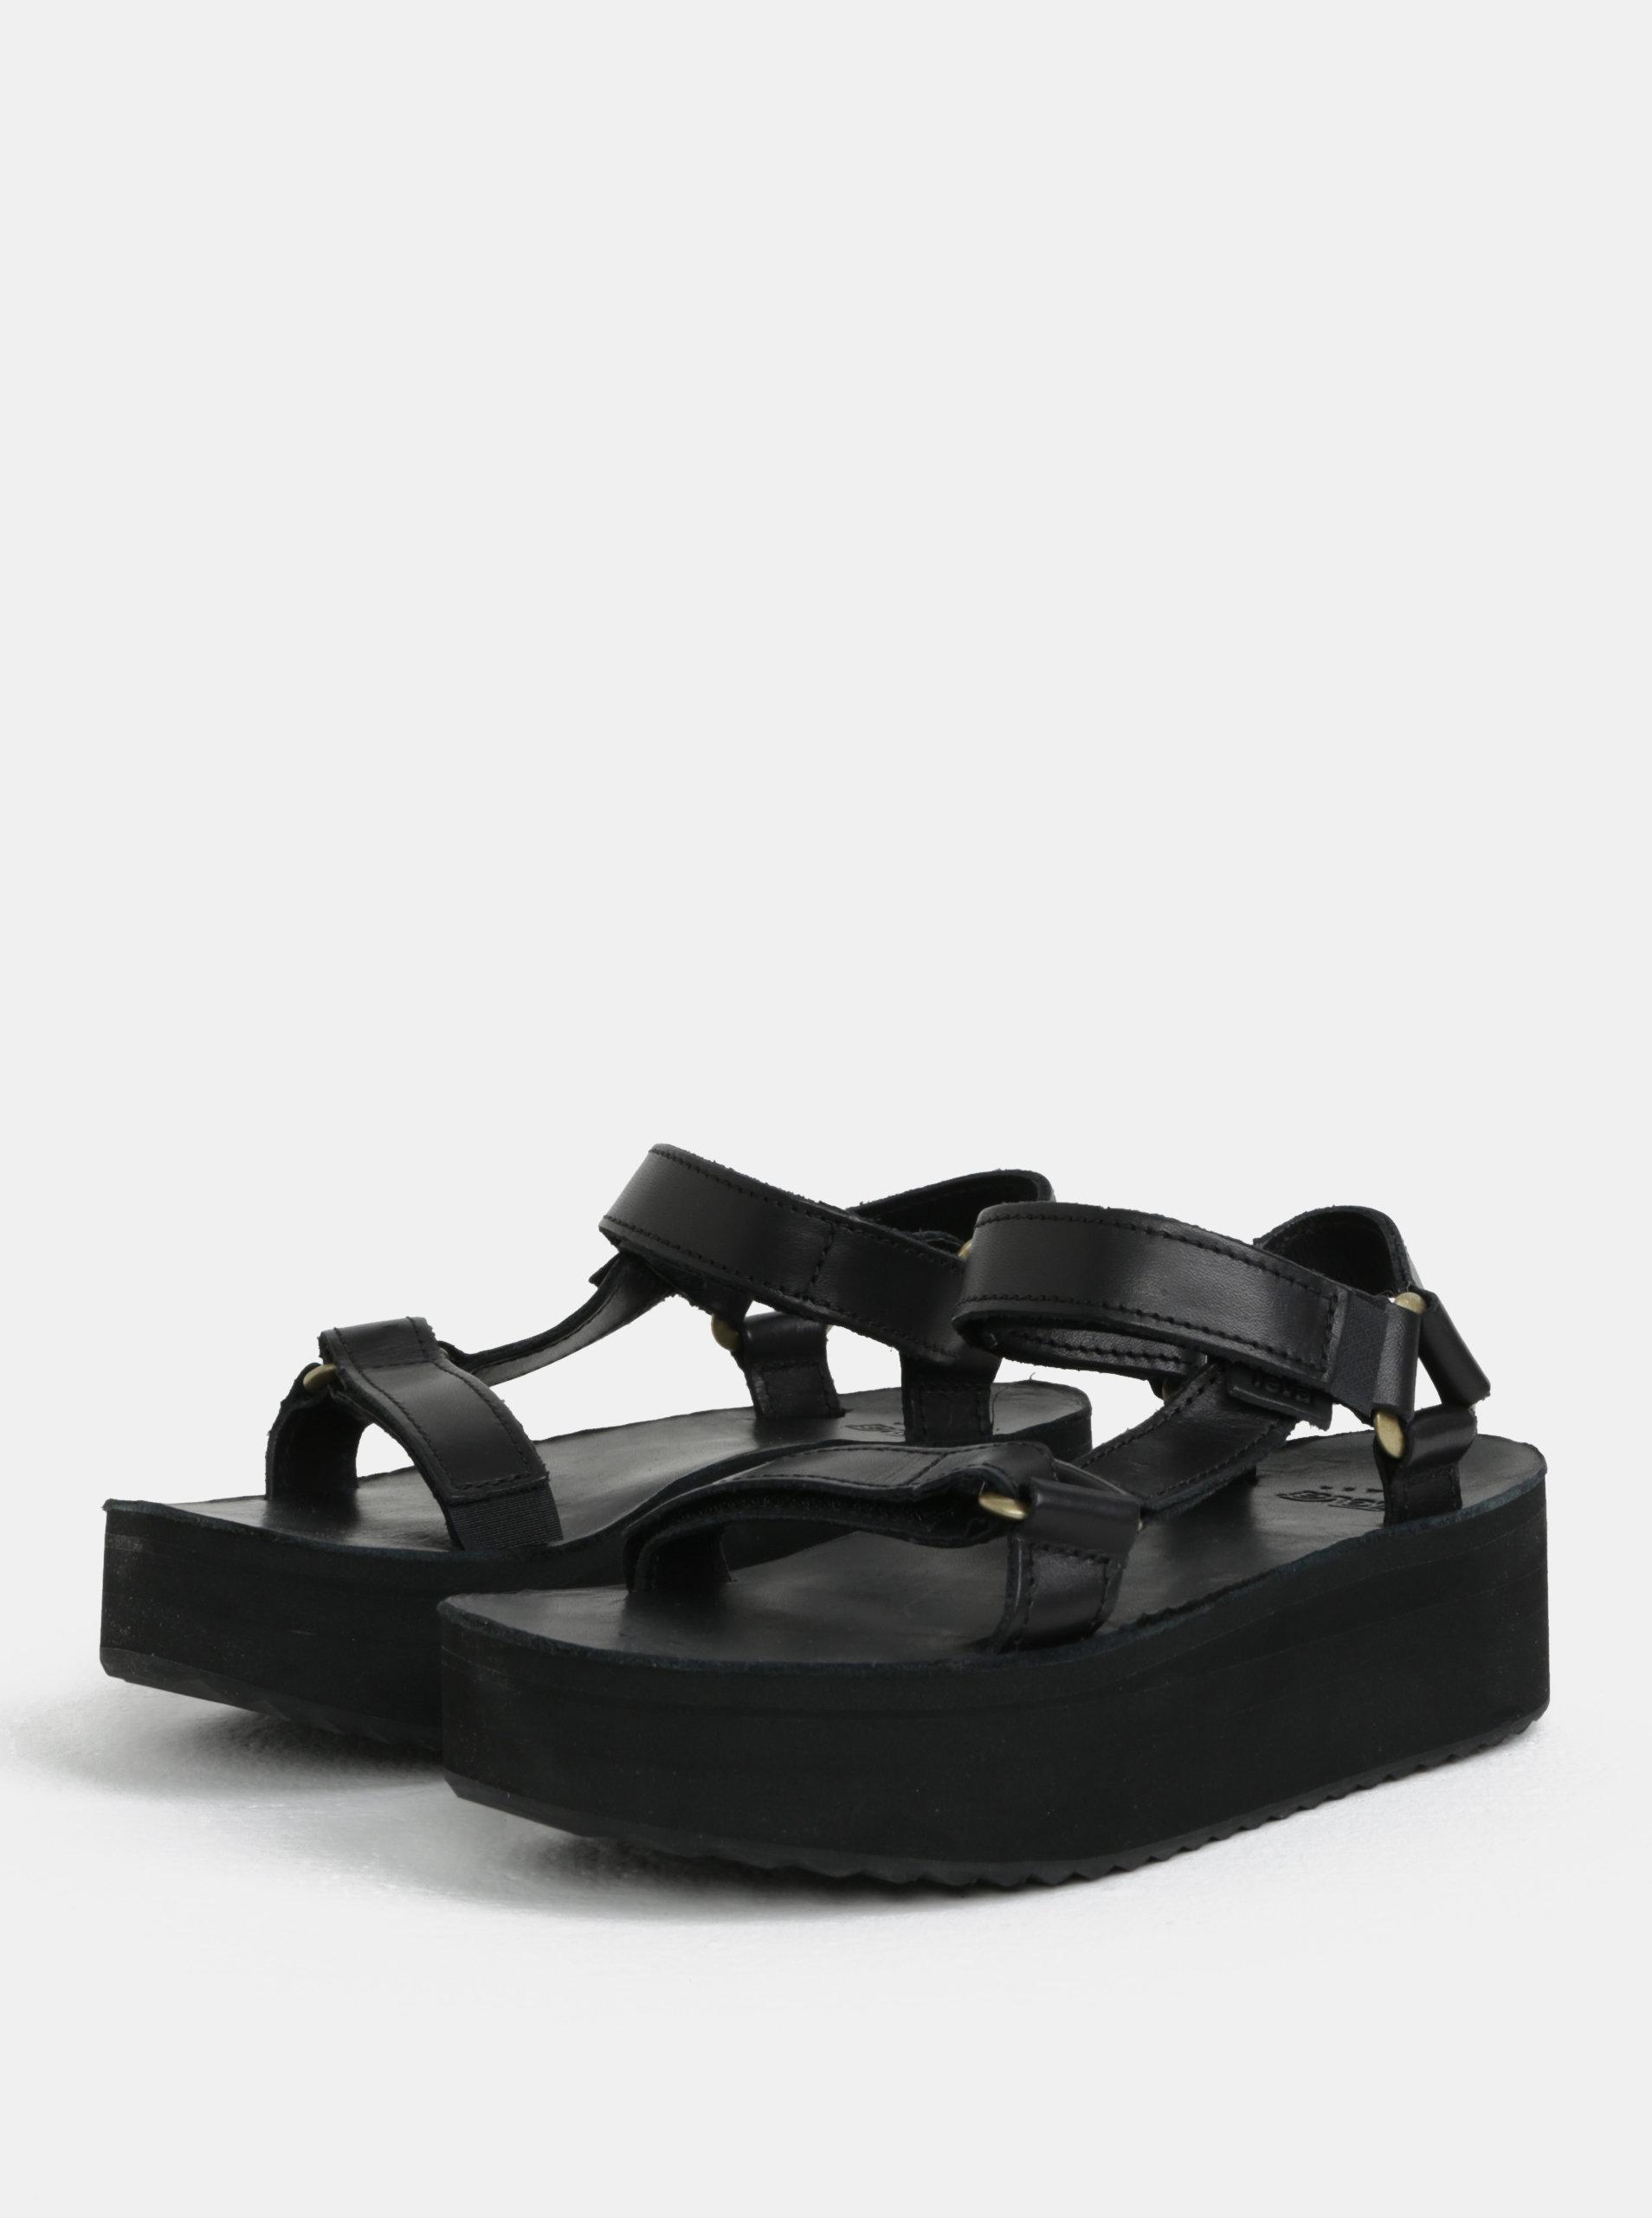 387bba9e3e05 Čierne dámske kožené sandále na platforme Teva ...